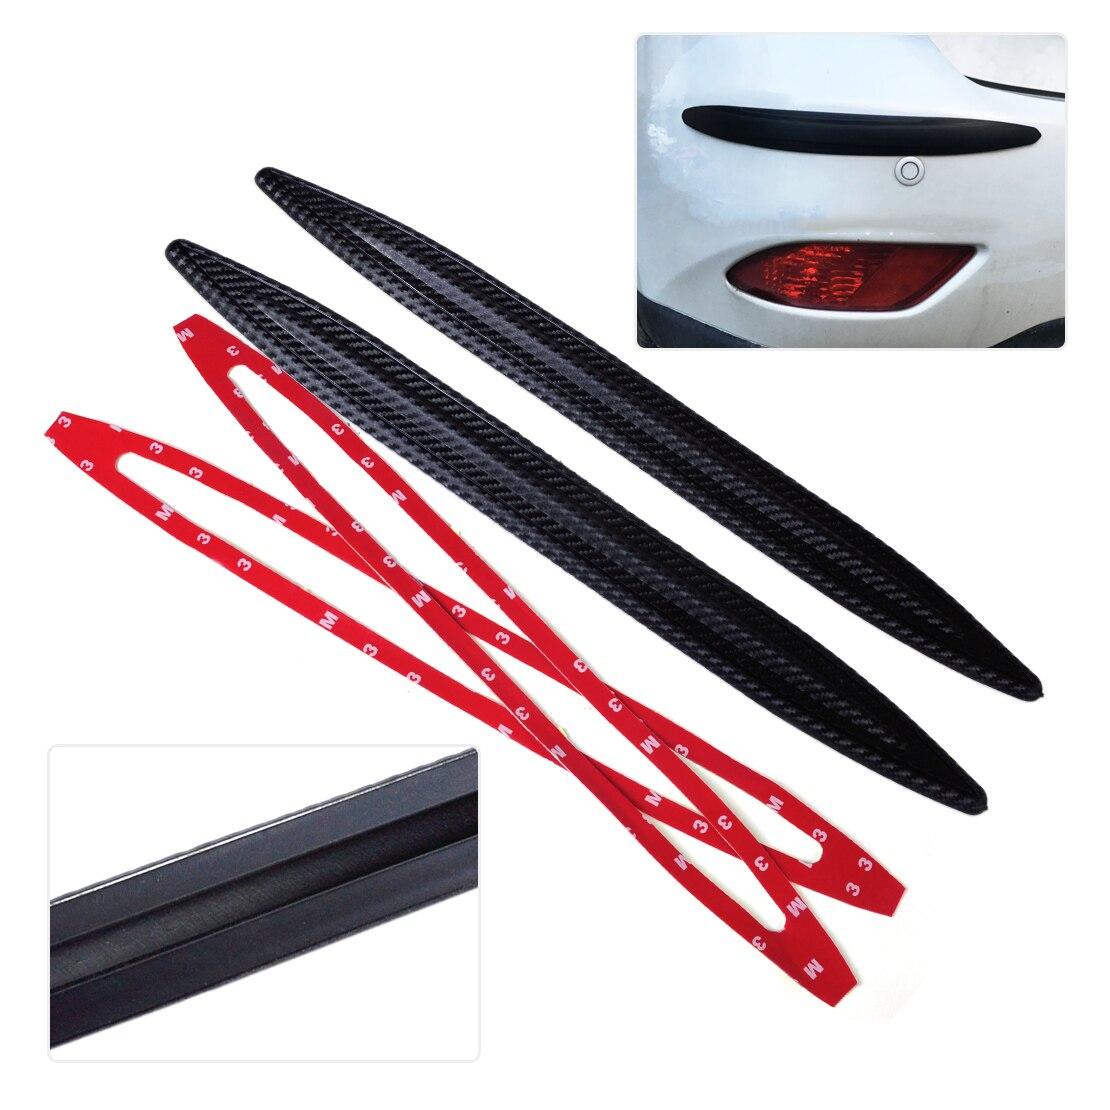 DWCX 2Pcs 42cm Carbon Fiber Rubber Front Rear Bumper Edge Protector Corner Guard Anti-rub Scratch Sticker Cover for SUV Car